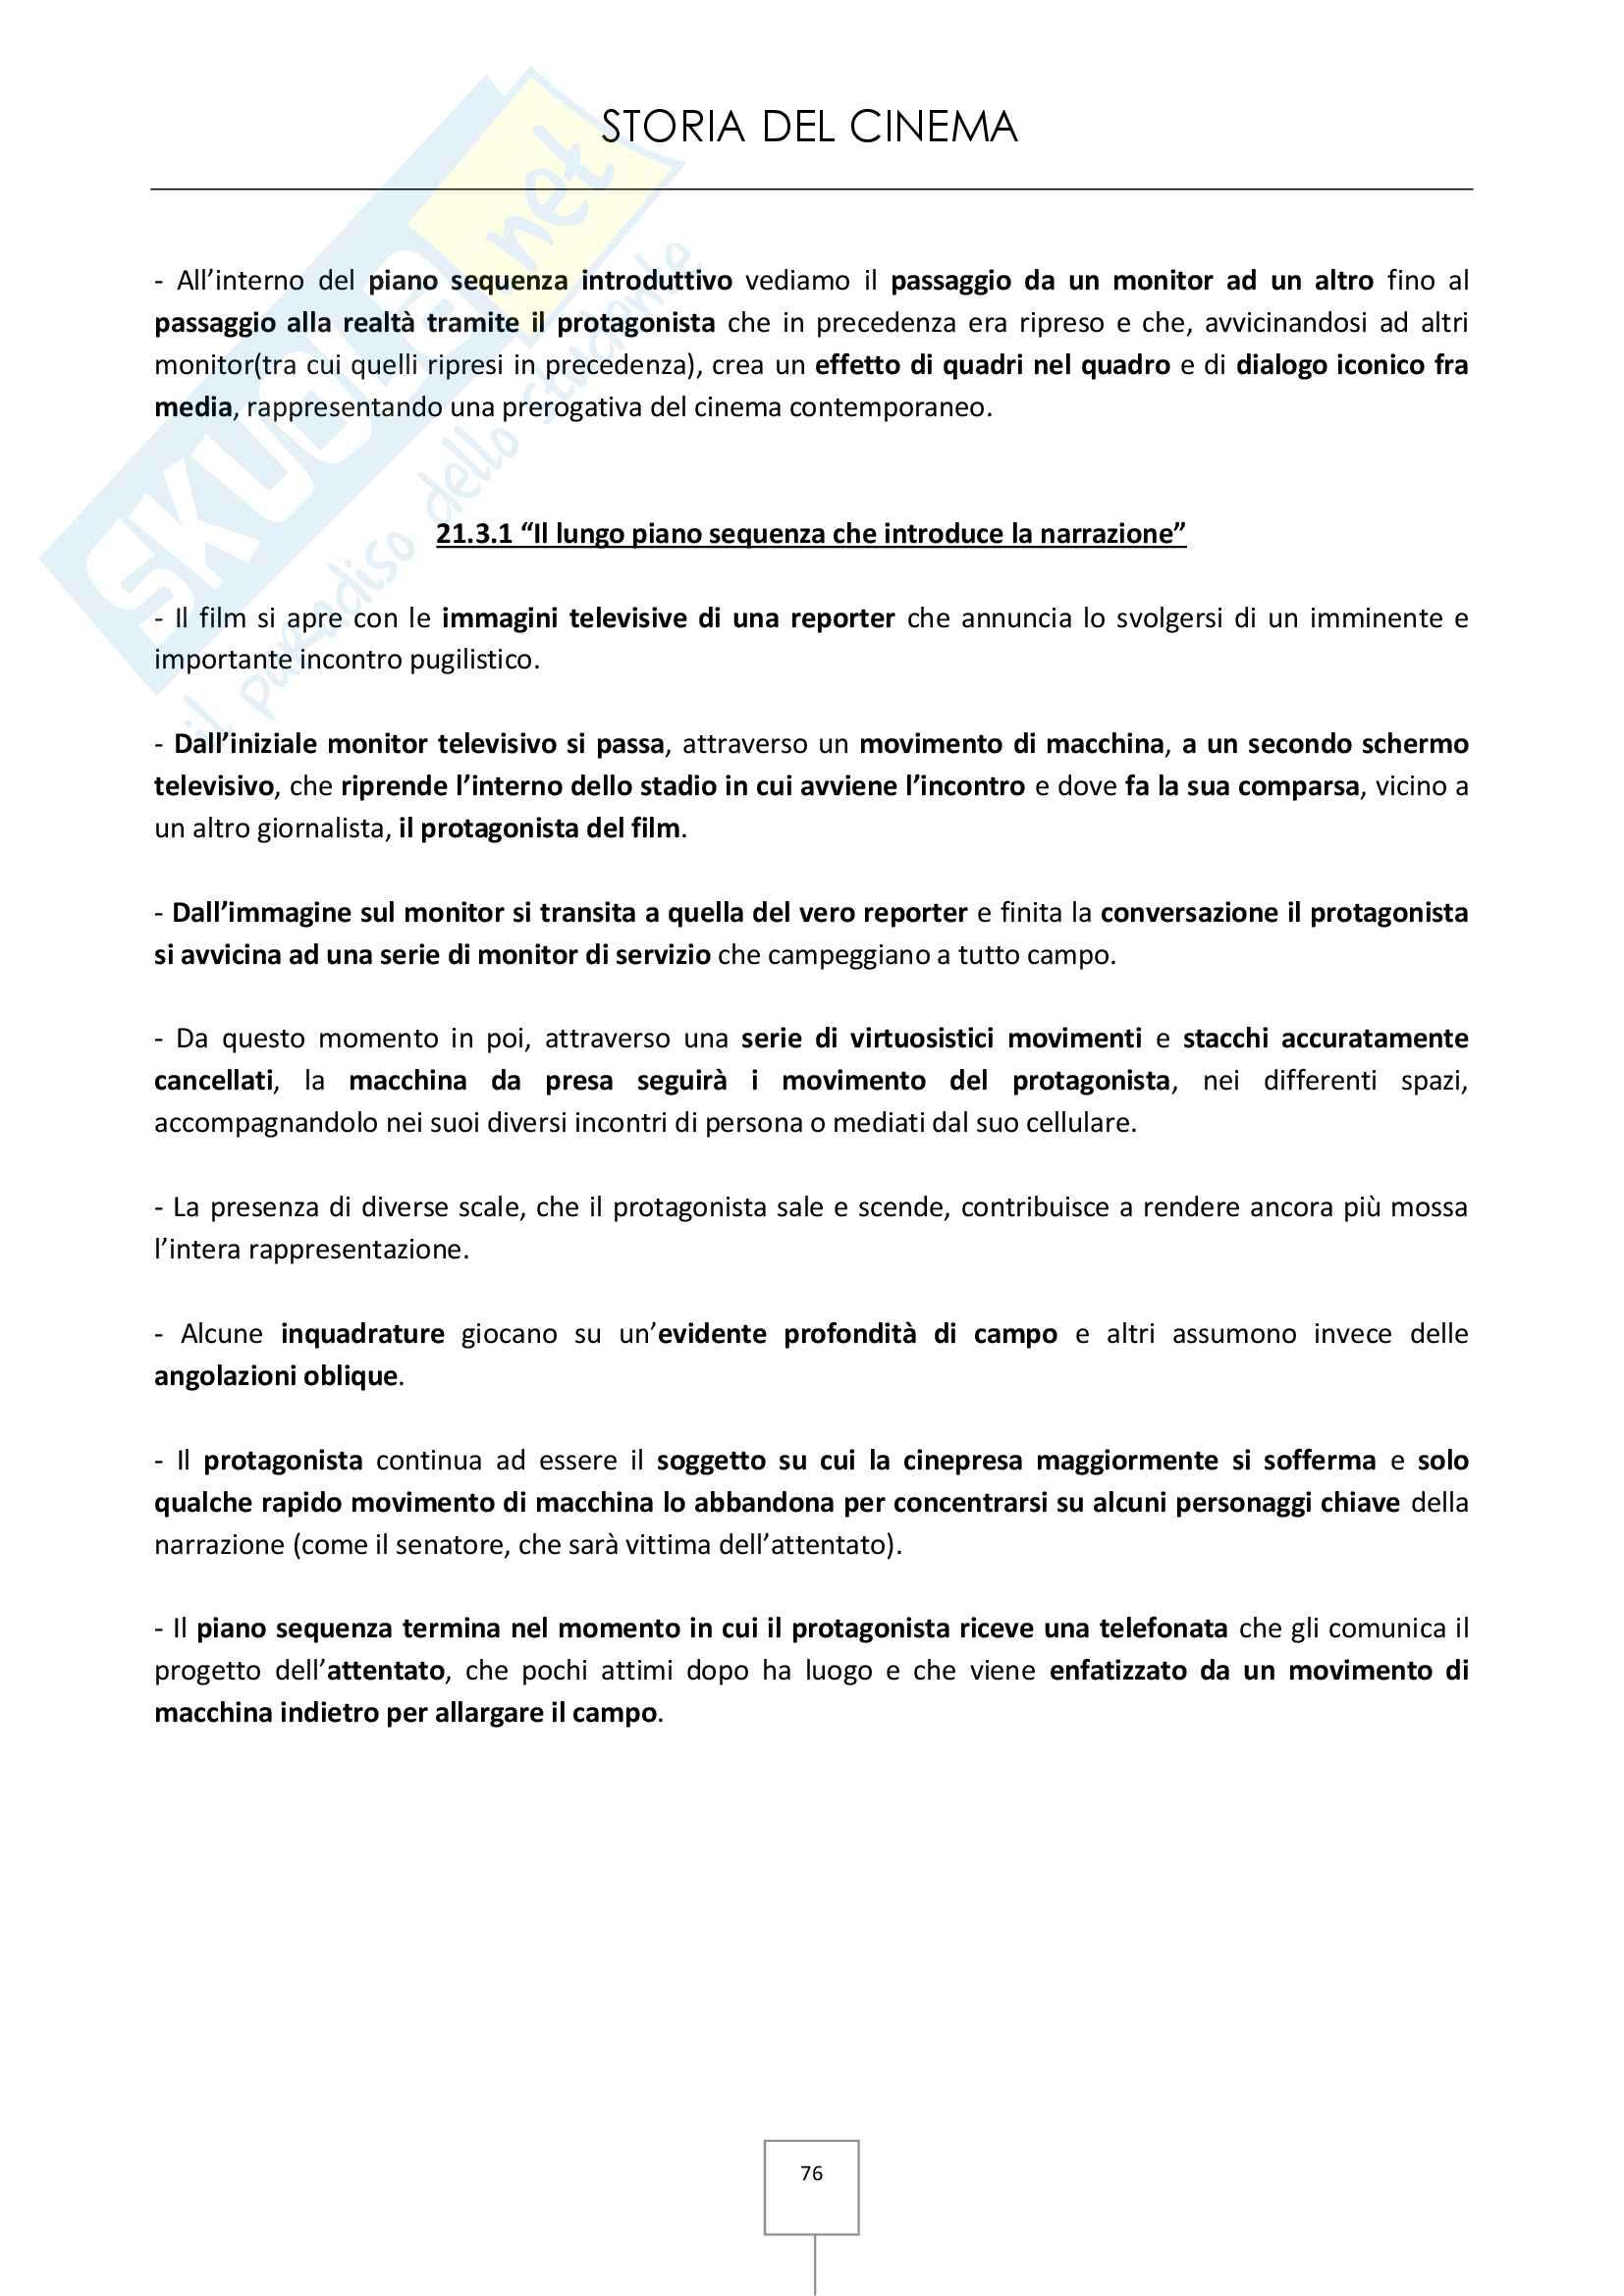 Storia del cinema - Appunti e schede dei film in programma Pag. 76